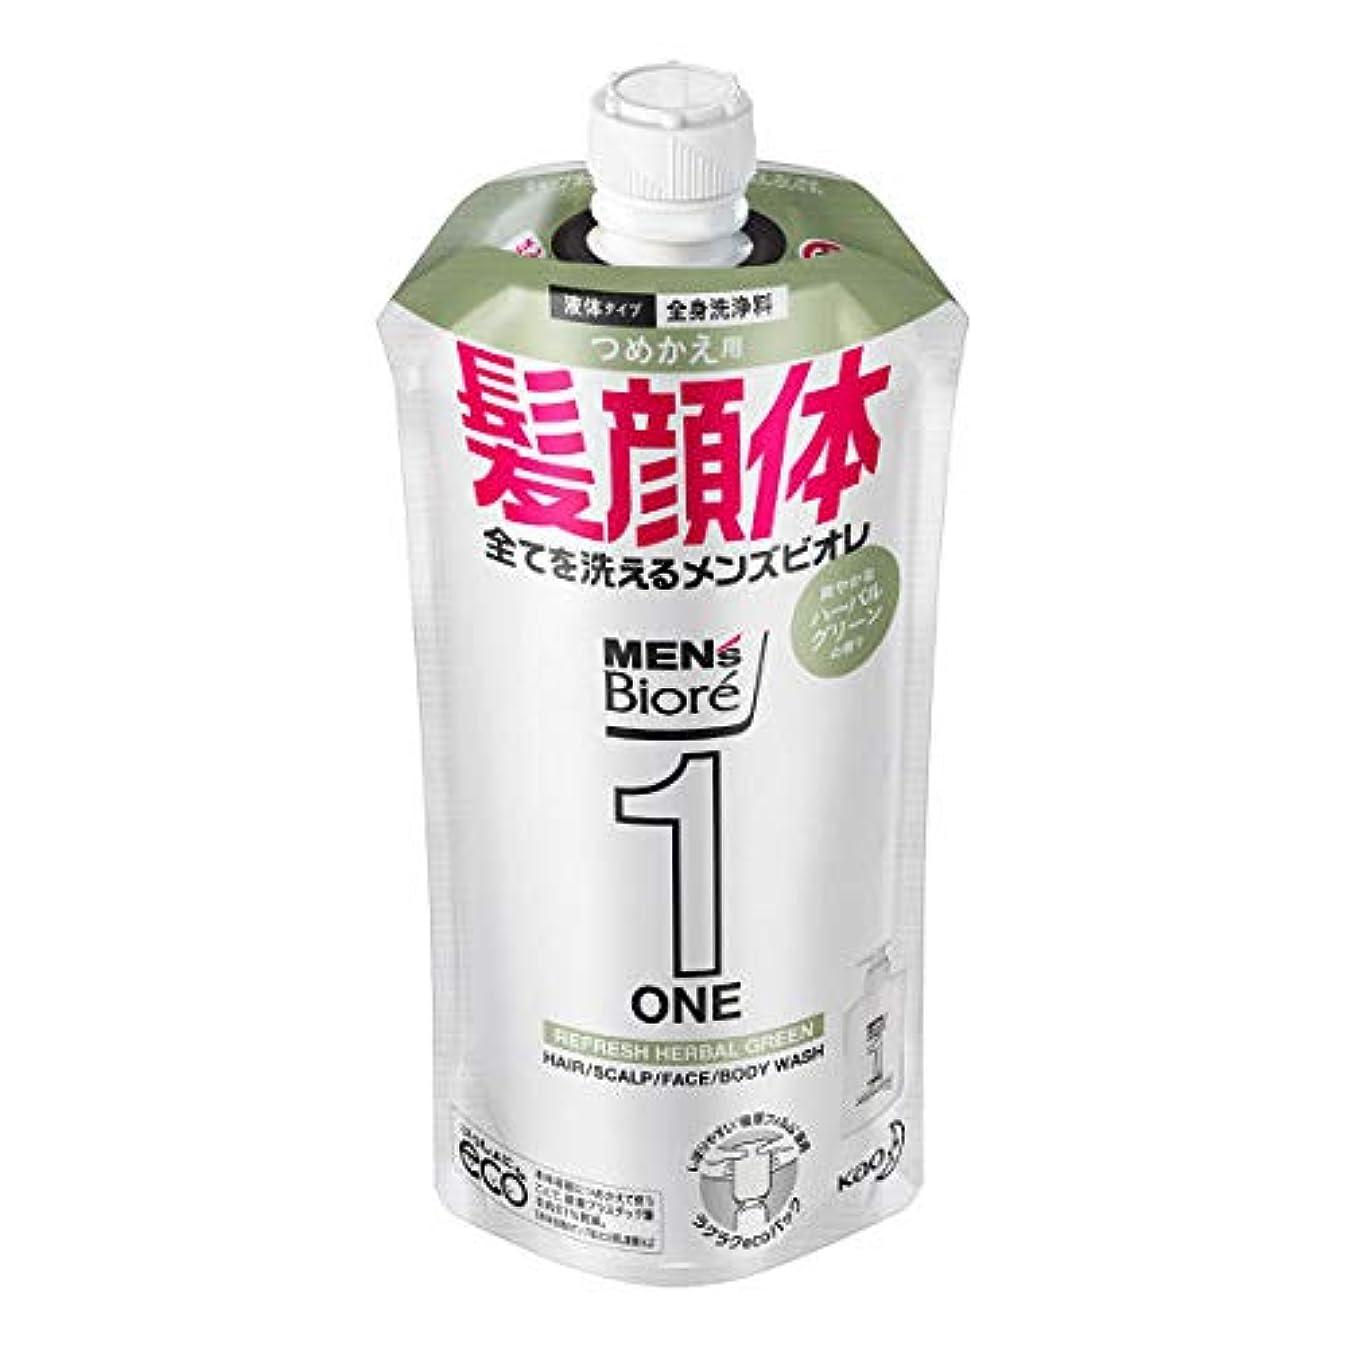 落ち着く誓約ライオネルグリーンストリートメンズビオレONE オールインワン全身洗浄料 爽やかなハーブルグリーンの香り つめかえ用 340mL